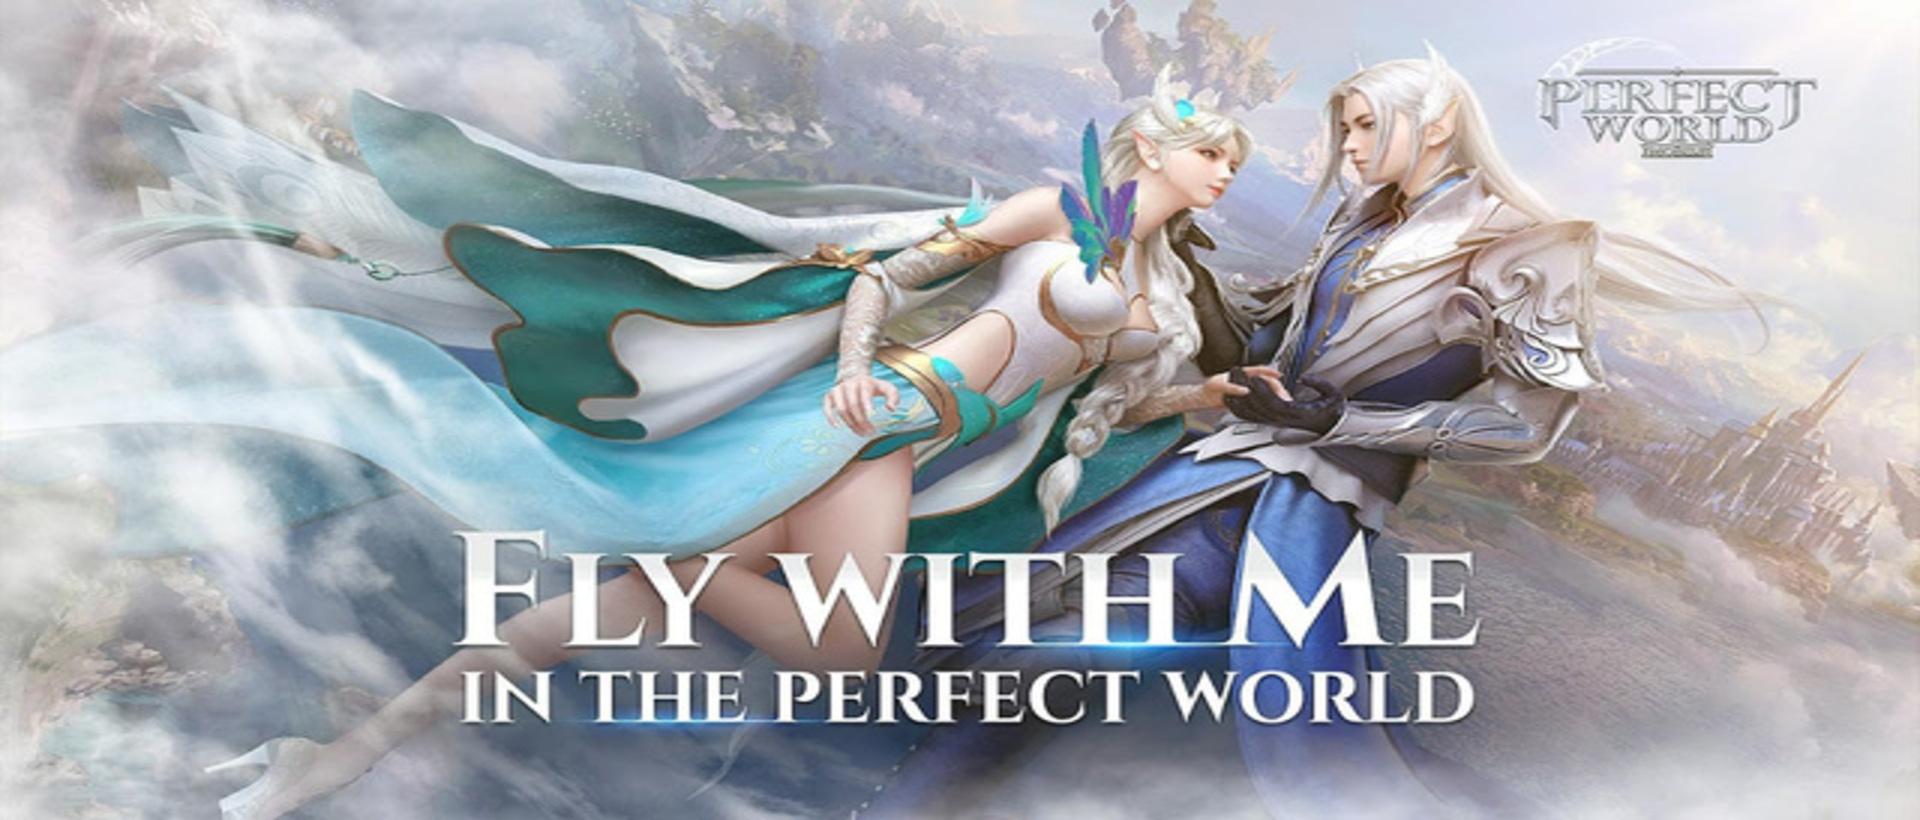 Perfect World VNG - Hướng dẫn cách tải game trên Android và IOS, cũng như trên PC